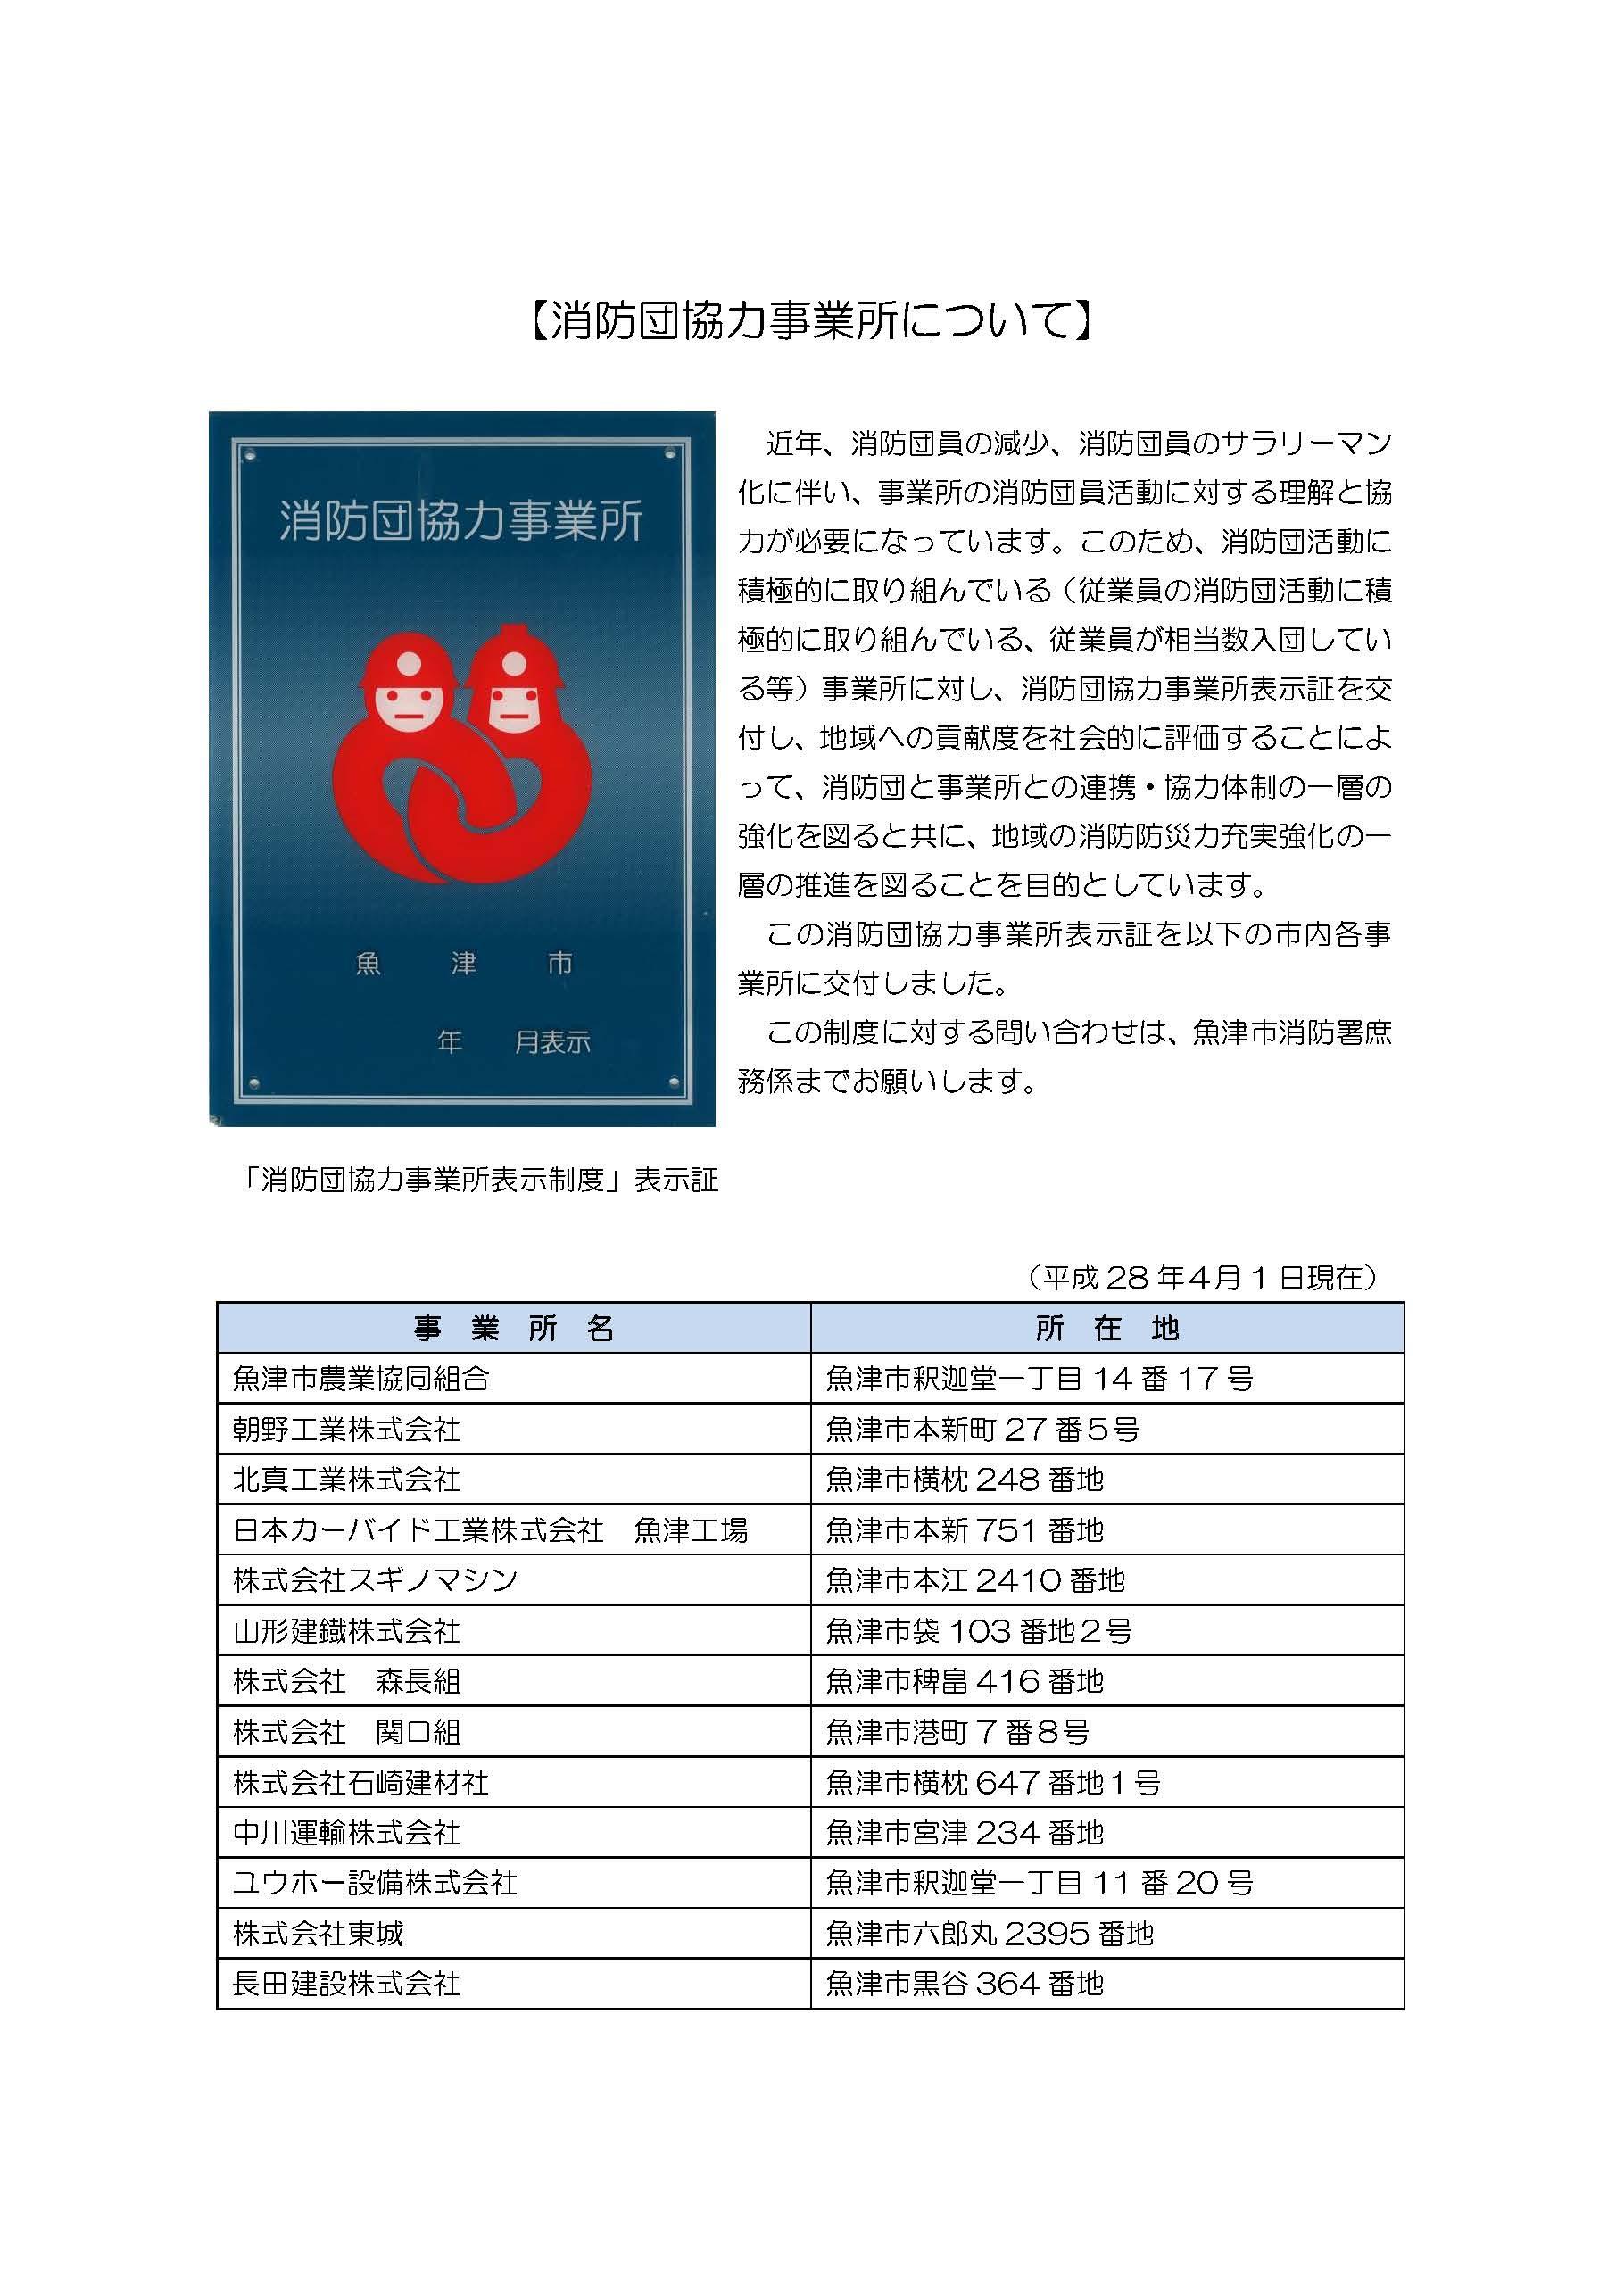 消防団協力事業所について.jpg